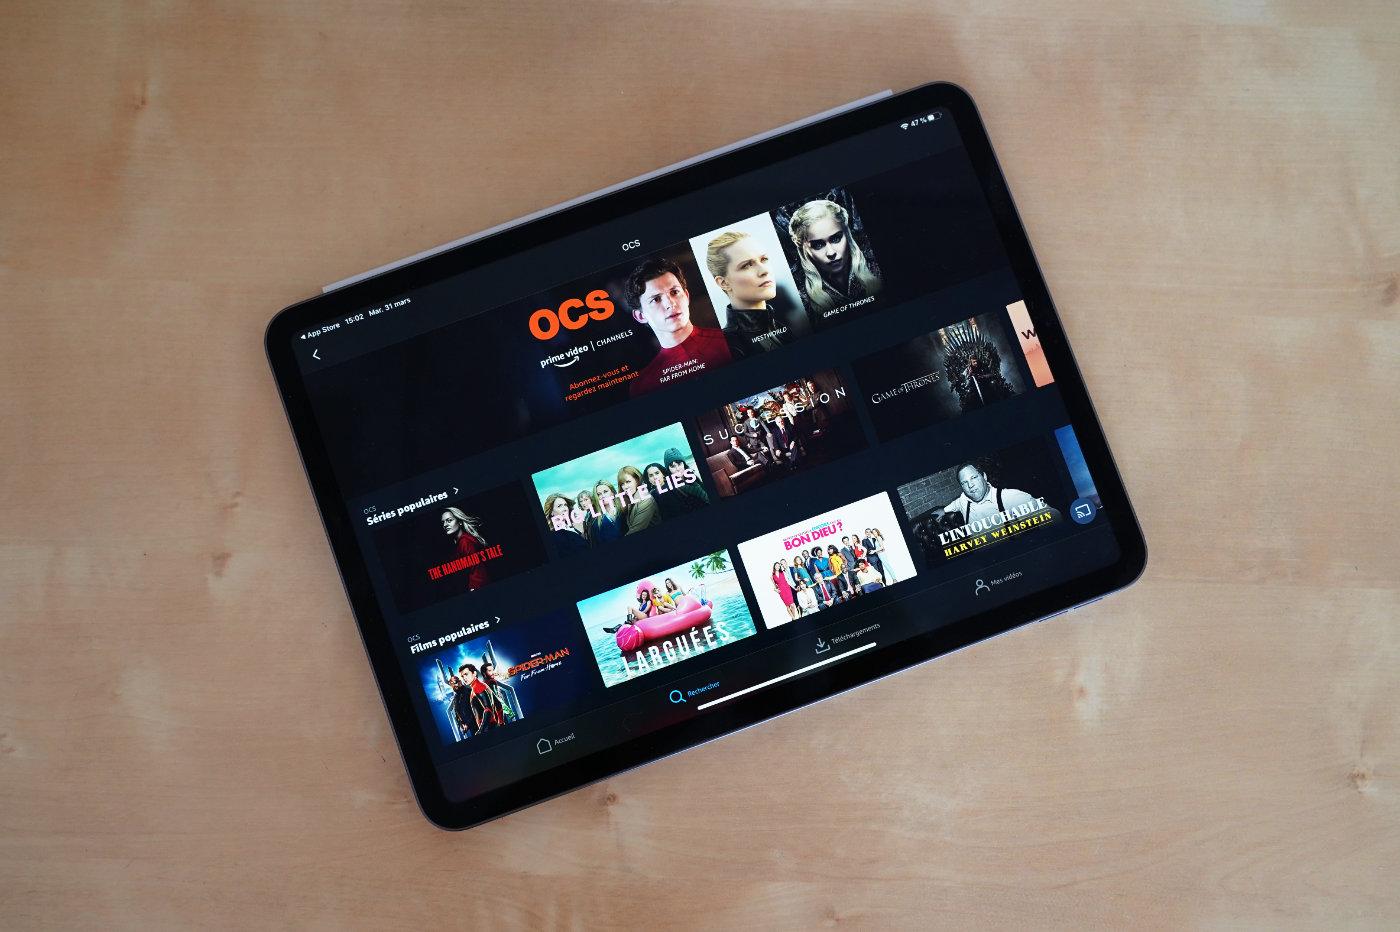 Bon Plan: Amazon Prime Vidéo rend OCS gratuit pendant 30 jours